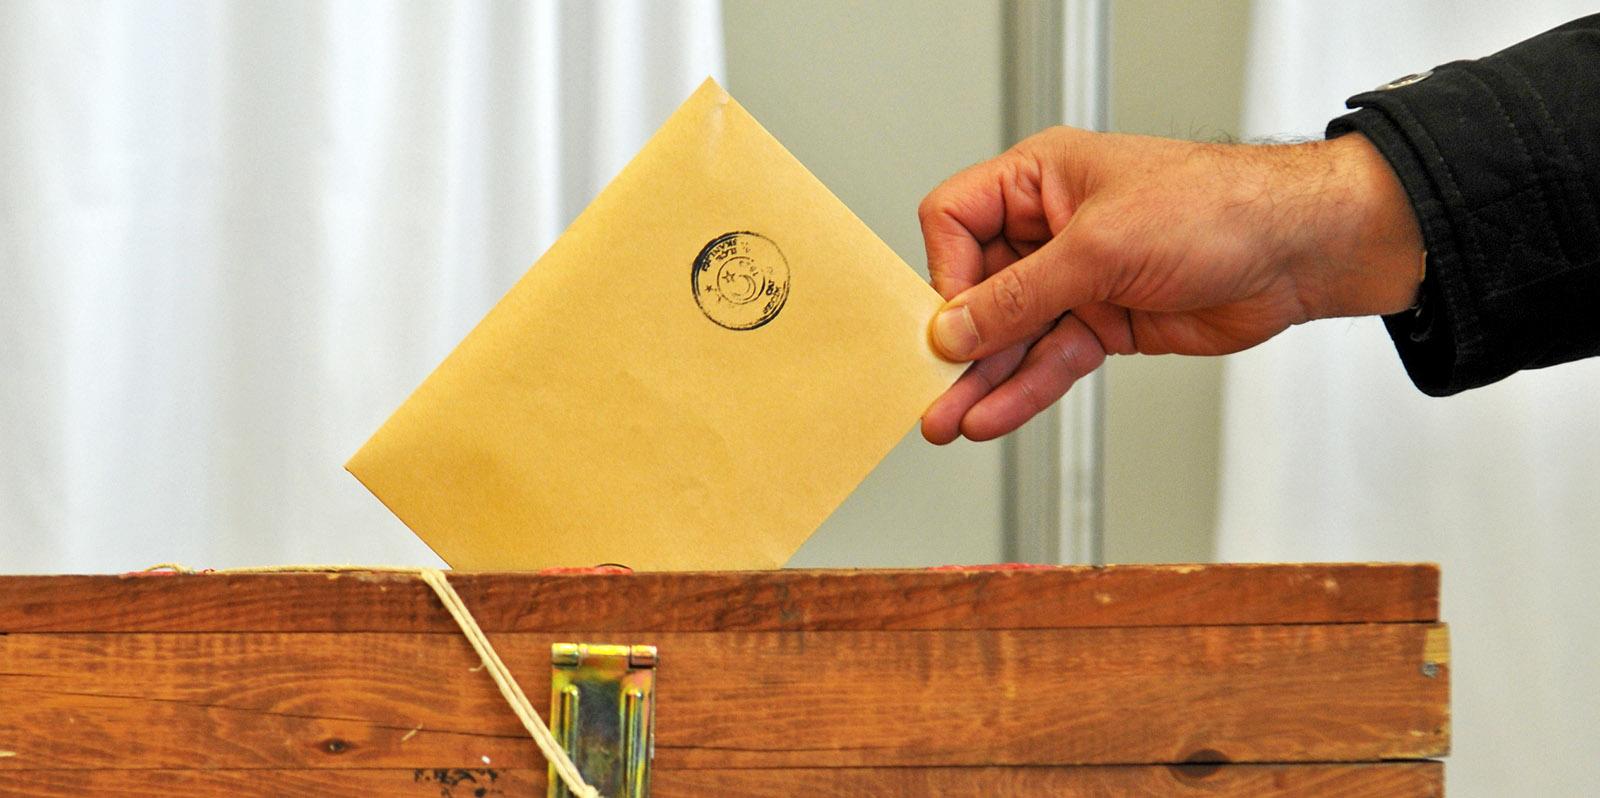 YSK iptal etmişti: Yenilenen seçimde sonuç belli oldu